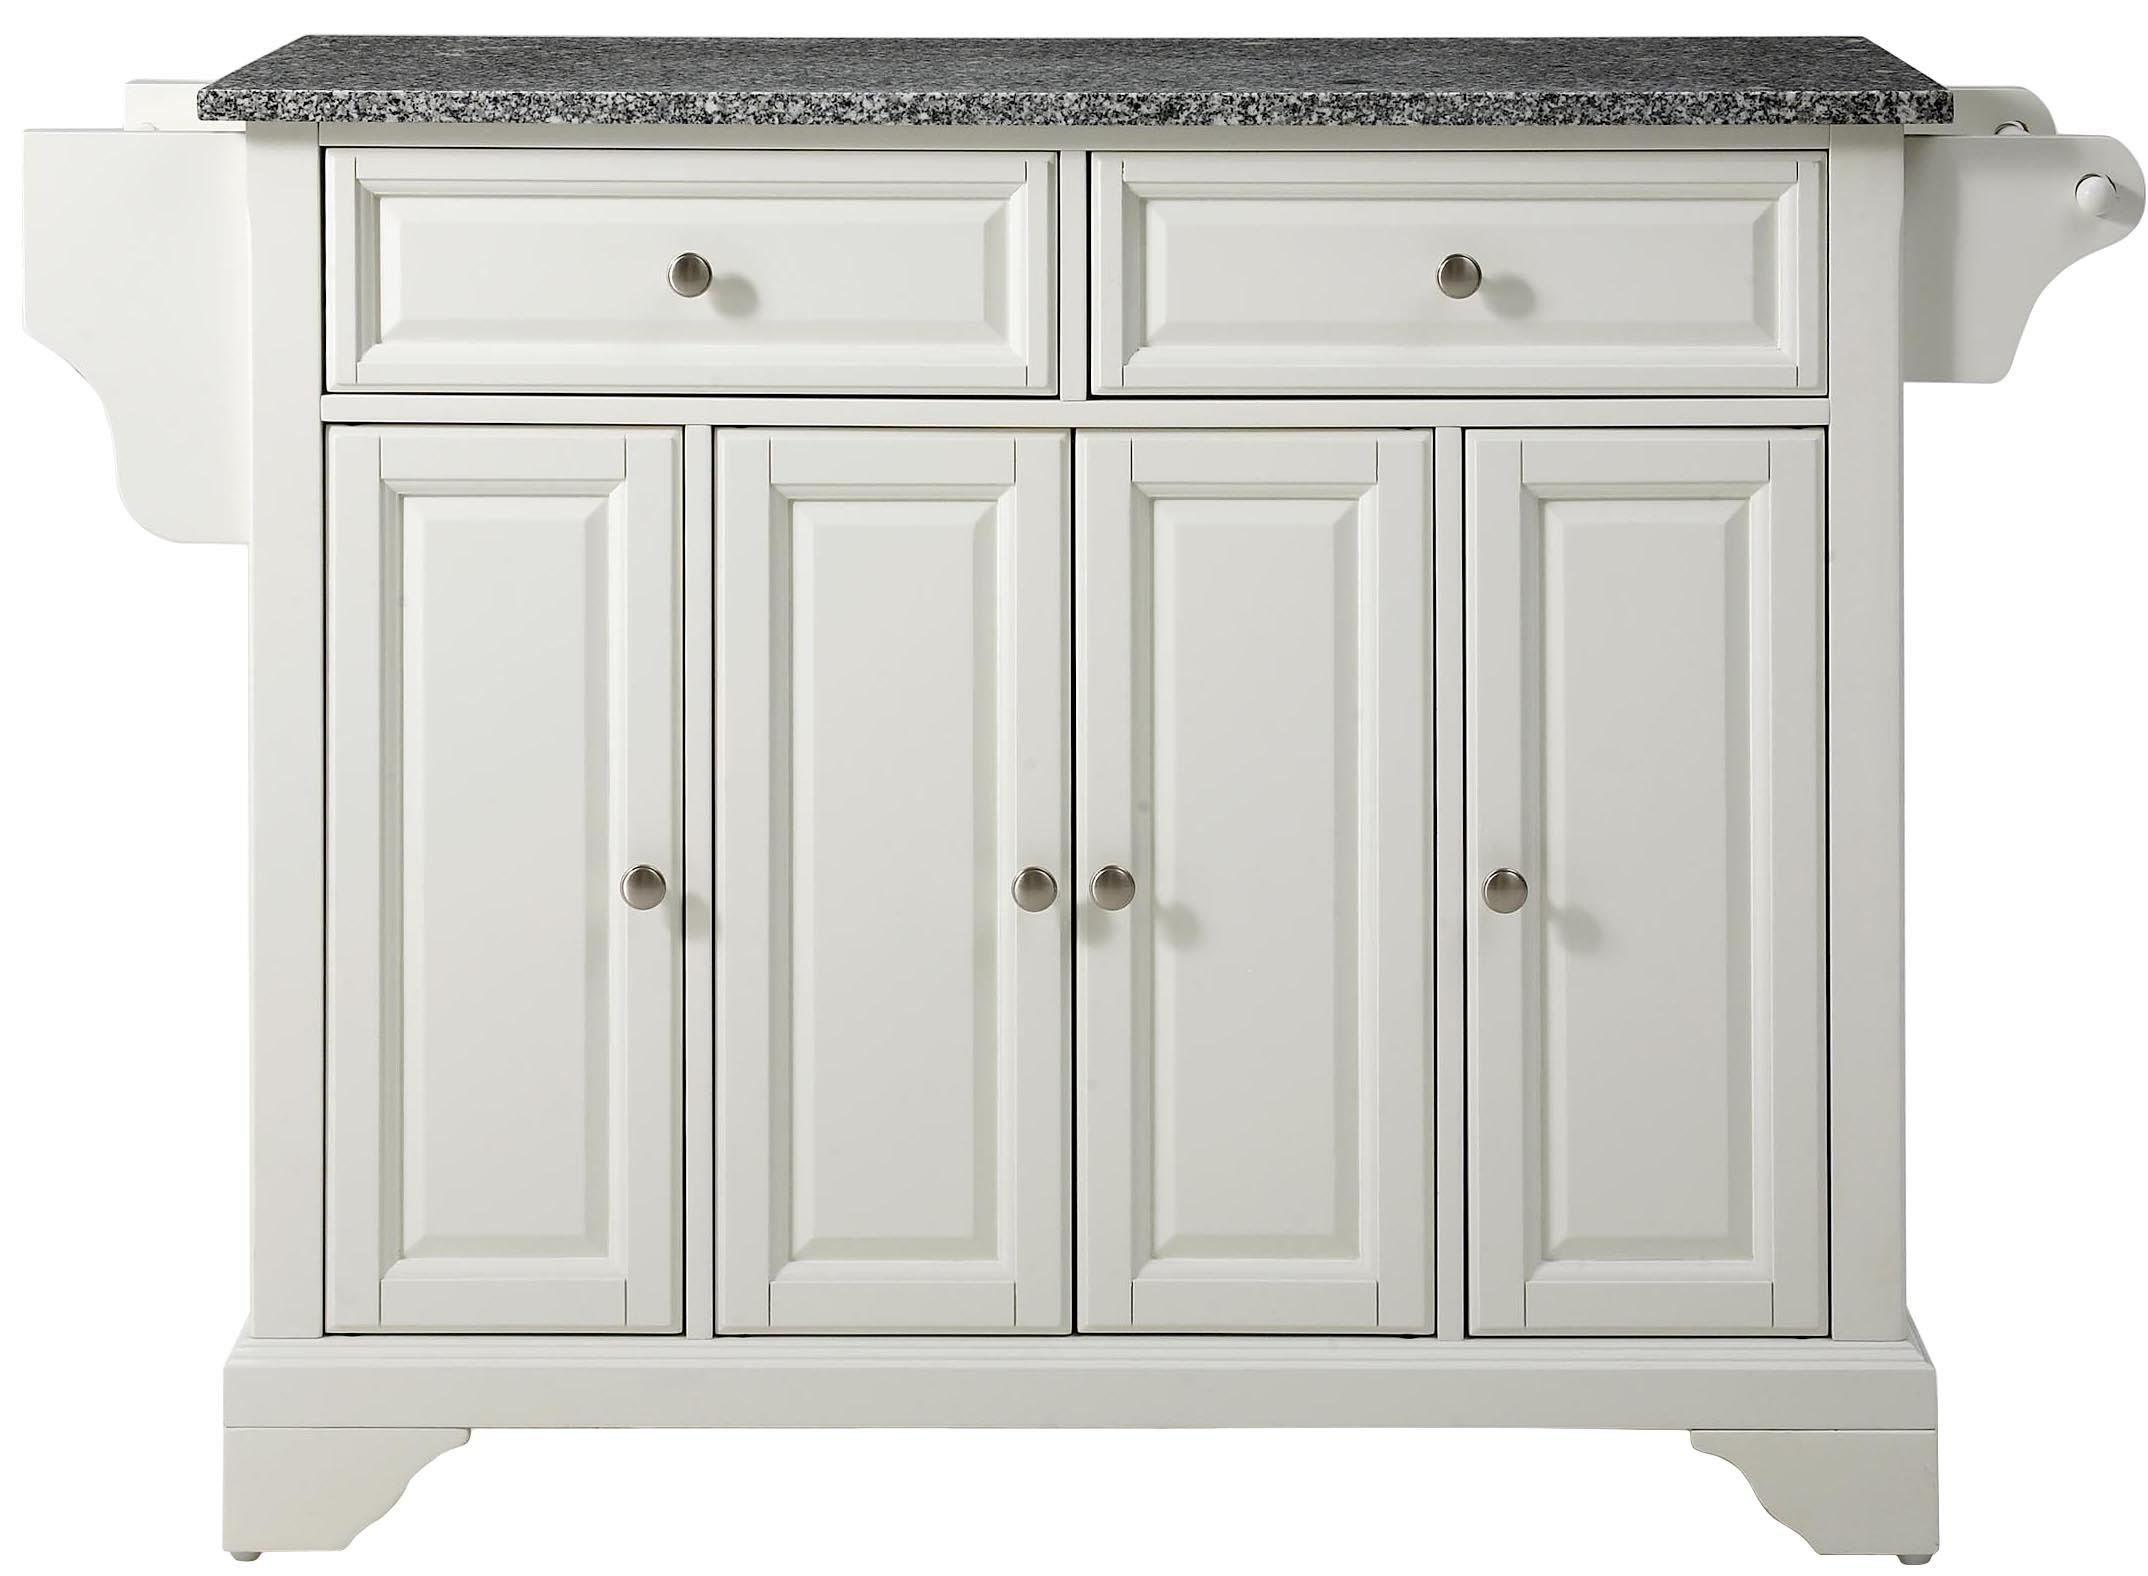 Cheap Grey Granite Kitchen Tiles Find Grey Granite Kitchen